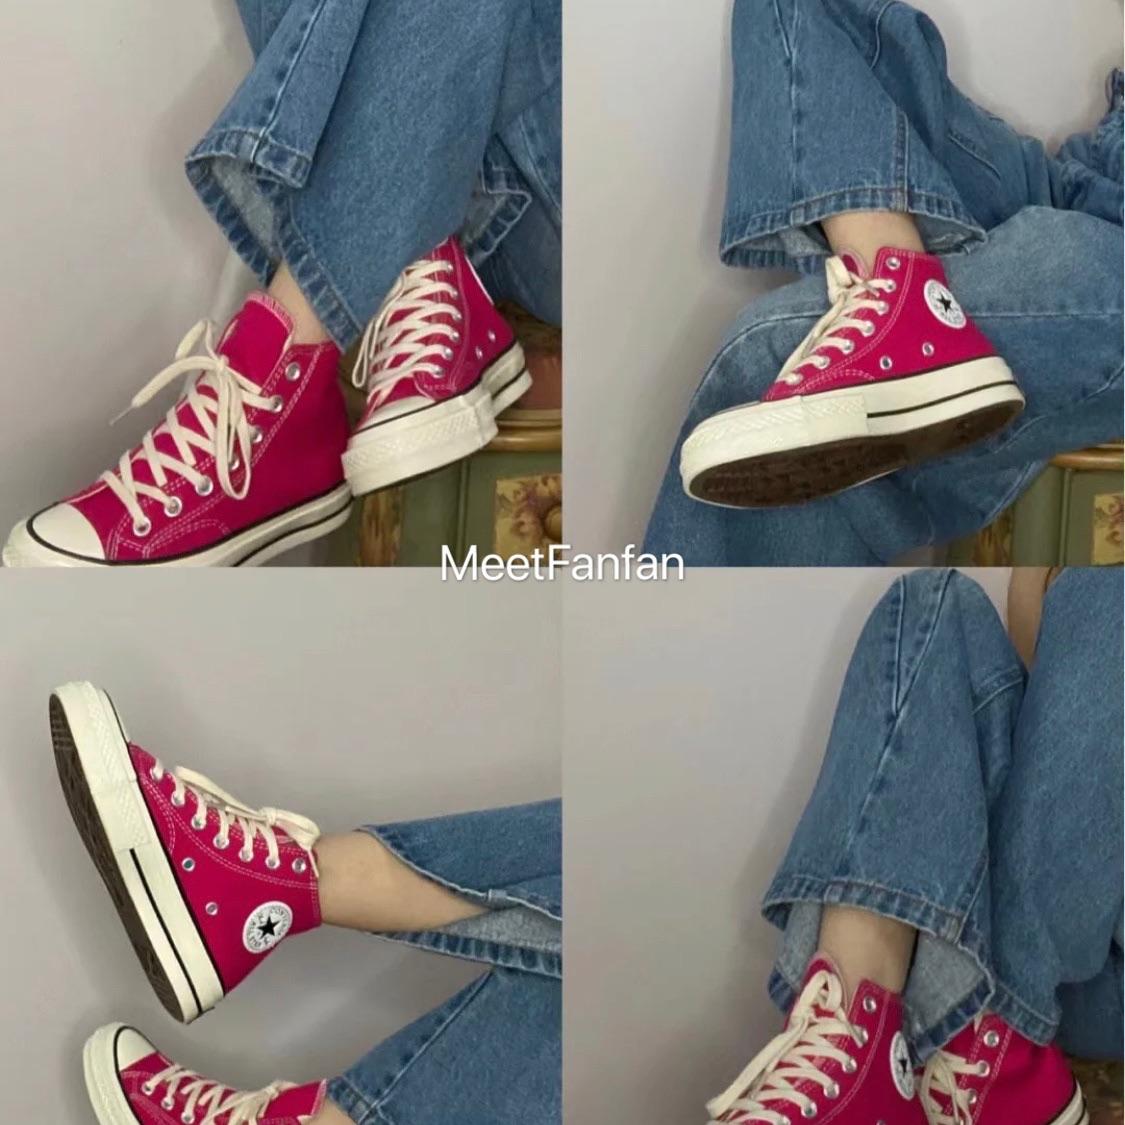 粉红色高帮鞋 2021春玫粉红色梅子色学生帆布鞋高帮提亮原宿星复古ulzang板鞋_推荐淘宝好看的粉红色高帮鞋